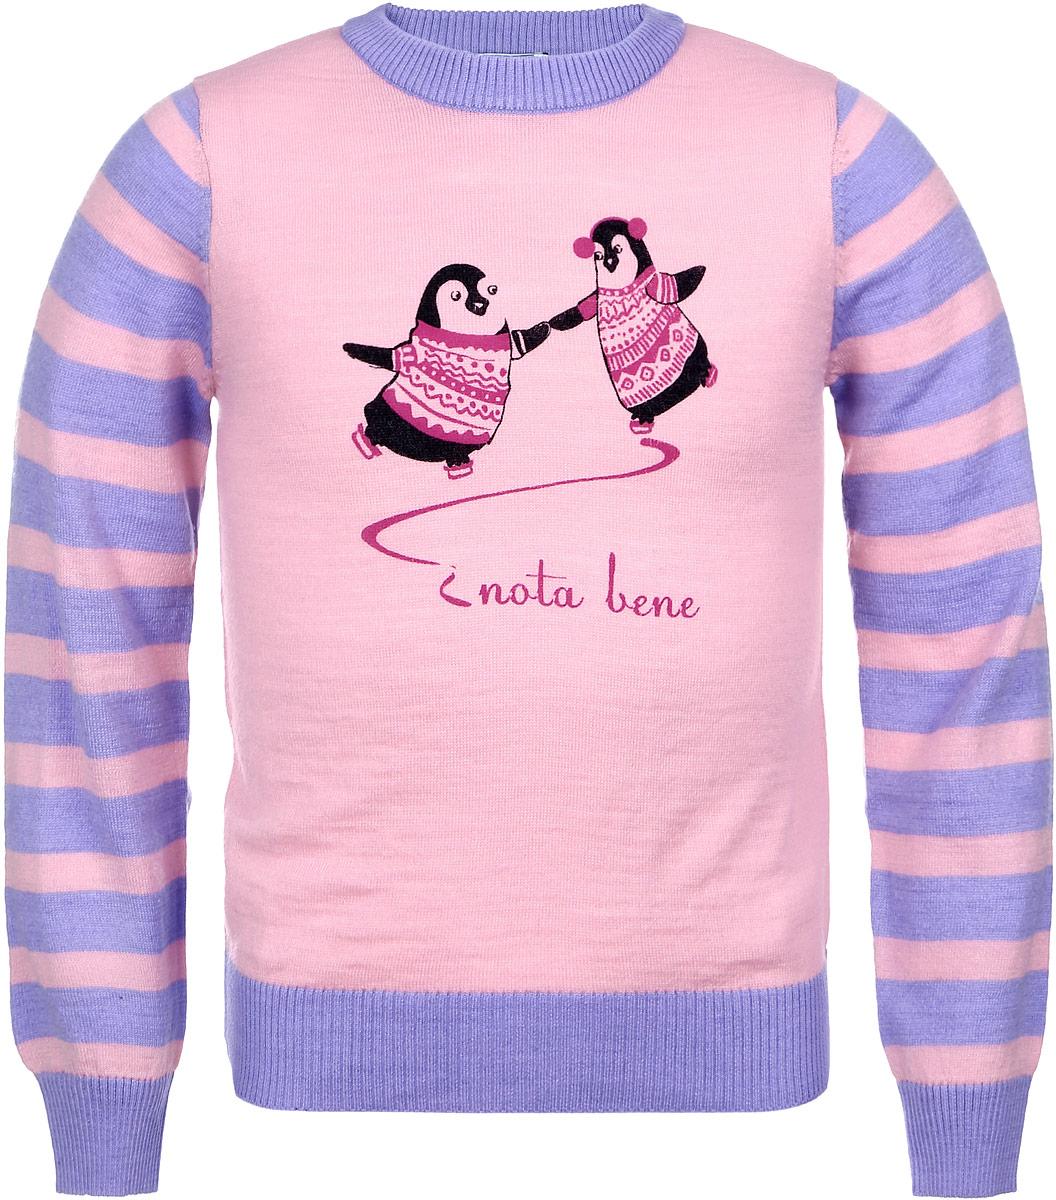 Джемпер для девочки Nota Bene, цвет: розовый, сиреневый. WK6441-56. Размер 110WK6441-56Модный джемпер для девочки Nota Bene подарит вашей маленькой принцессе комфорт и удобство в прохладные дни. Изготовленный из высококачественной комбинированной пряжи, он необычайно мягкий и приятный на ощупь, не сковывает движения малышки и позволяет коже дышать, не раздражает даже самую нежную и чувствительную детскую кожу, обеспечивая наибольший комфорт. Джемпер с длинными рукавами и круглым вырезом горловины превосходно тянется и отлично сидит. Горловина, манжеты рукавов и низ джемпера связаны резинкой. Джемпер украшен рисунком в виде двух пингвинов на коньках. Оригинальный современный дизайн и модная расцветка делают этот джемпер практичным и стильным предметом детского гардероба. В нем ваша дочурка будет чувствовать себя уютно и комфортно и всегда будет в центре внимания!